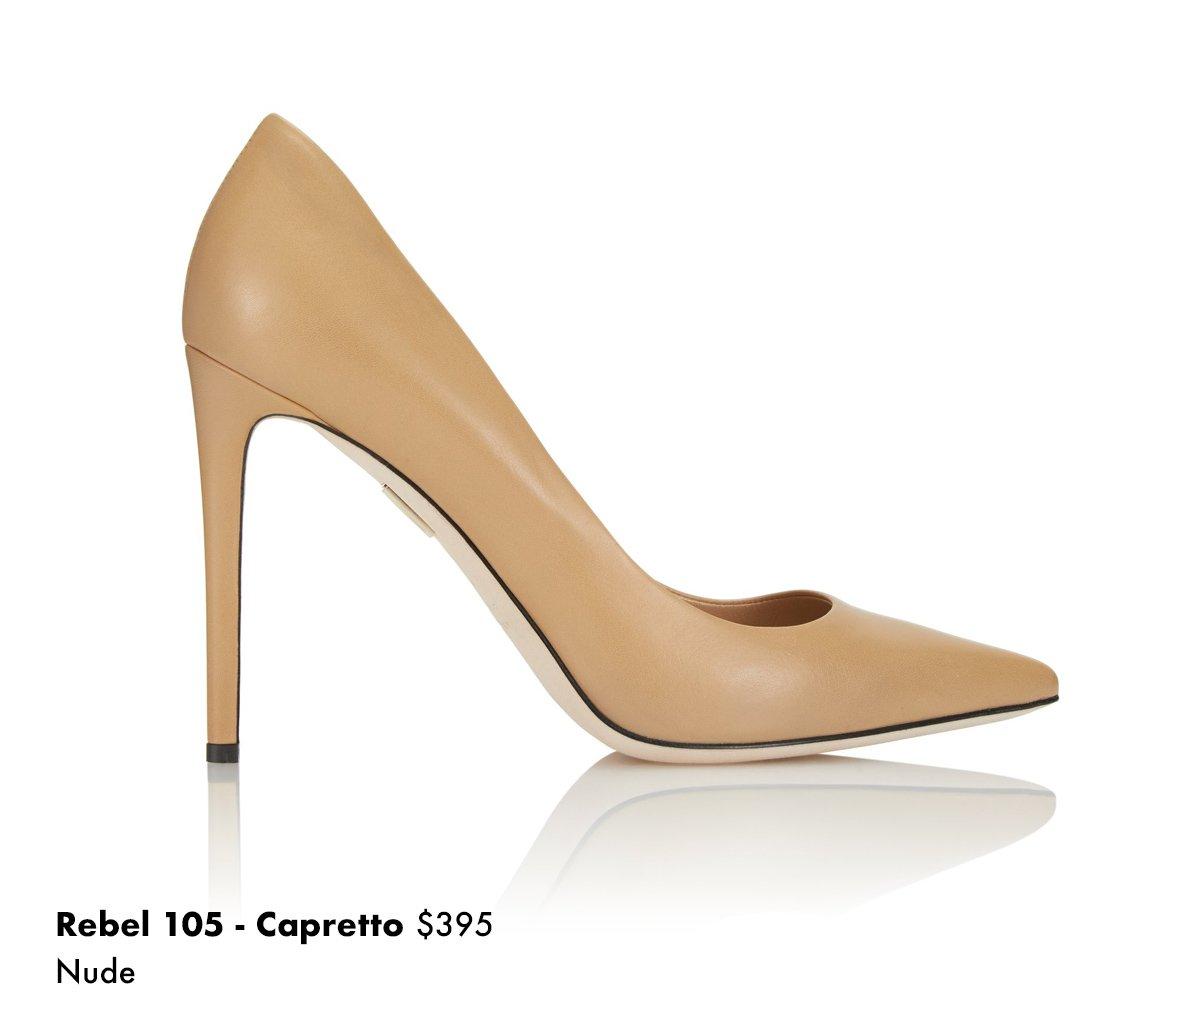 Rebel 105 - Capretto Nude